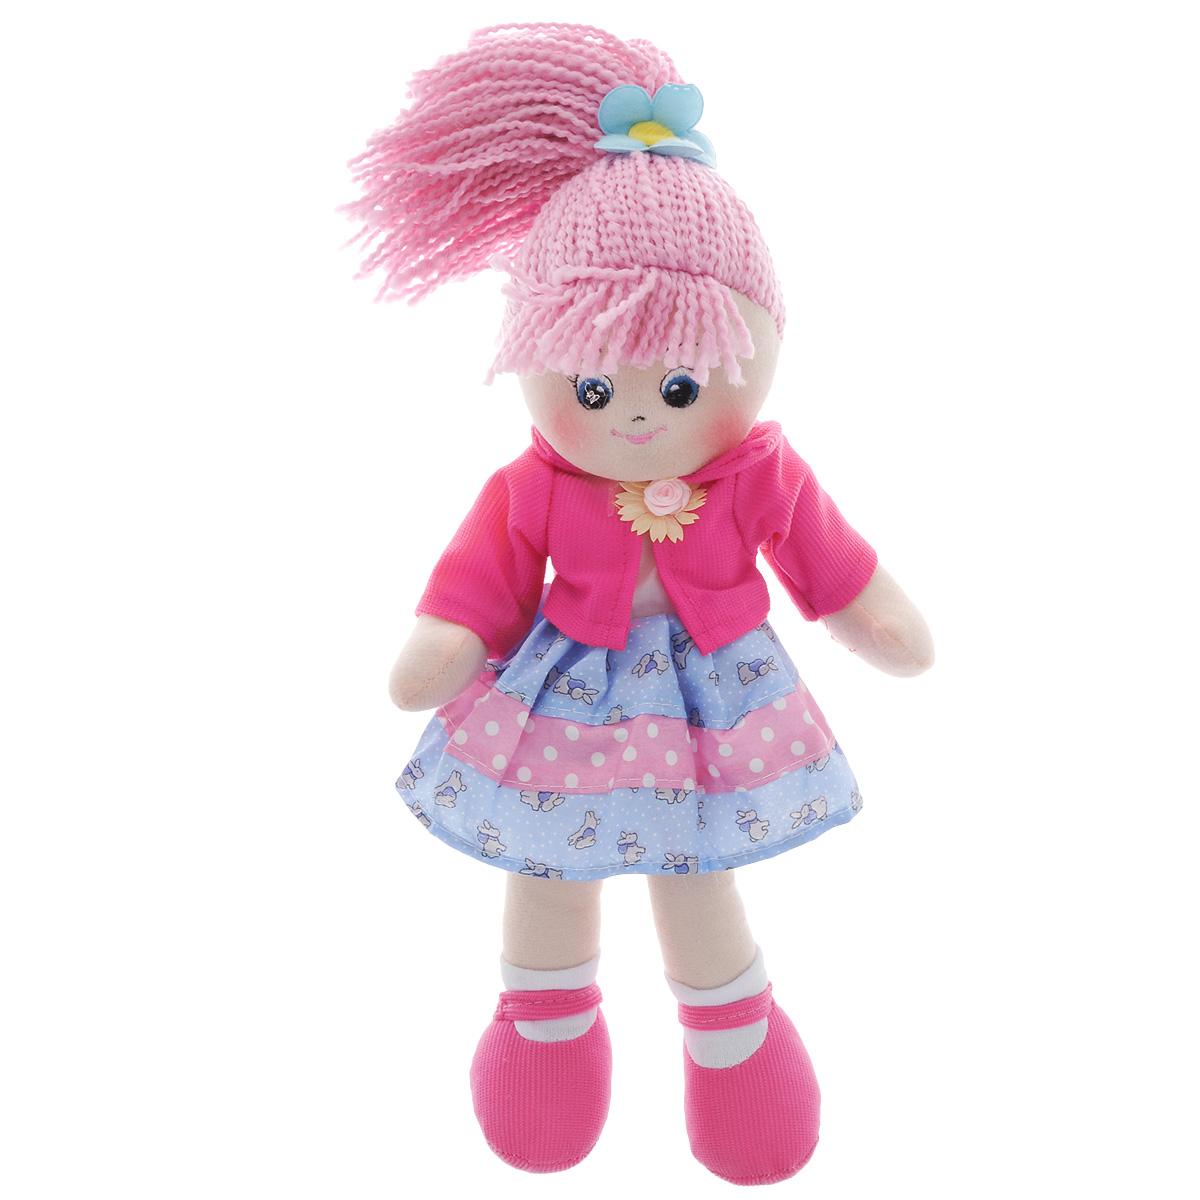 Мягкая игрушка Gulliver Кукла Земляничка, 40 см30-BAC6890Кукла Земляничка - это ягодная куколка, похожая на героиню мультфильма. Она имеет очень веселый и радостный вид и поднимет любому ребенку настроение, даже самому капризному. Личико куклы очень доброе, с вышитыми на нем глазами, ротиком, носом и бровками. Волосы Землянички - это нежно-розовые веревочки, убранные в высокий хвост и завязанные резинкой с цветочком. На кукле очень красивое стильное платье с малиновой жилеткой и украшением на ней. Одежда легко снимается с помощью липучки, расположенной сзади. На ножки пришиты белые носки и обута кукла в розовые туфли, которые не снимаются с нее и держатся очень крепко. Кукла изготовлена из приятной на ощупь ткани и набита практически невесомым наполнителем. Мягкие игрушки Gulliver действуют позитивно на растущий детский организм, обучая ласке и доброте, улучшают настроение ребенка, развивают тактильную чувствительность, стимулируют зрительное восприятие, хватательные рефлексы и моторику рук. Продукция...